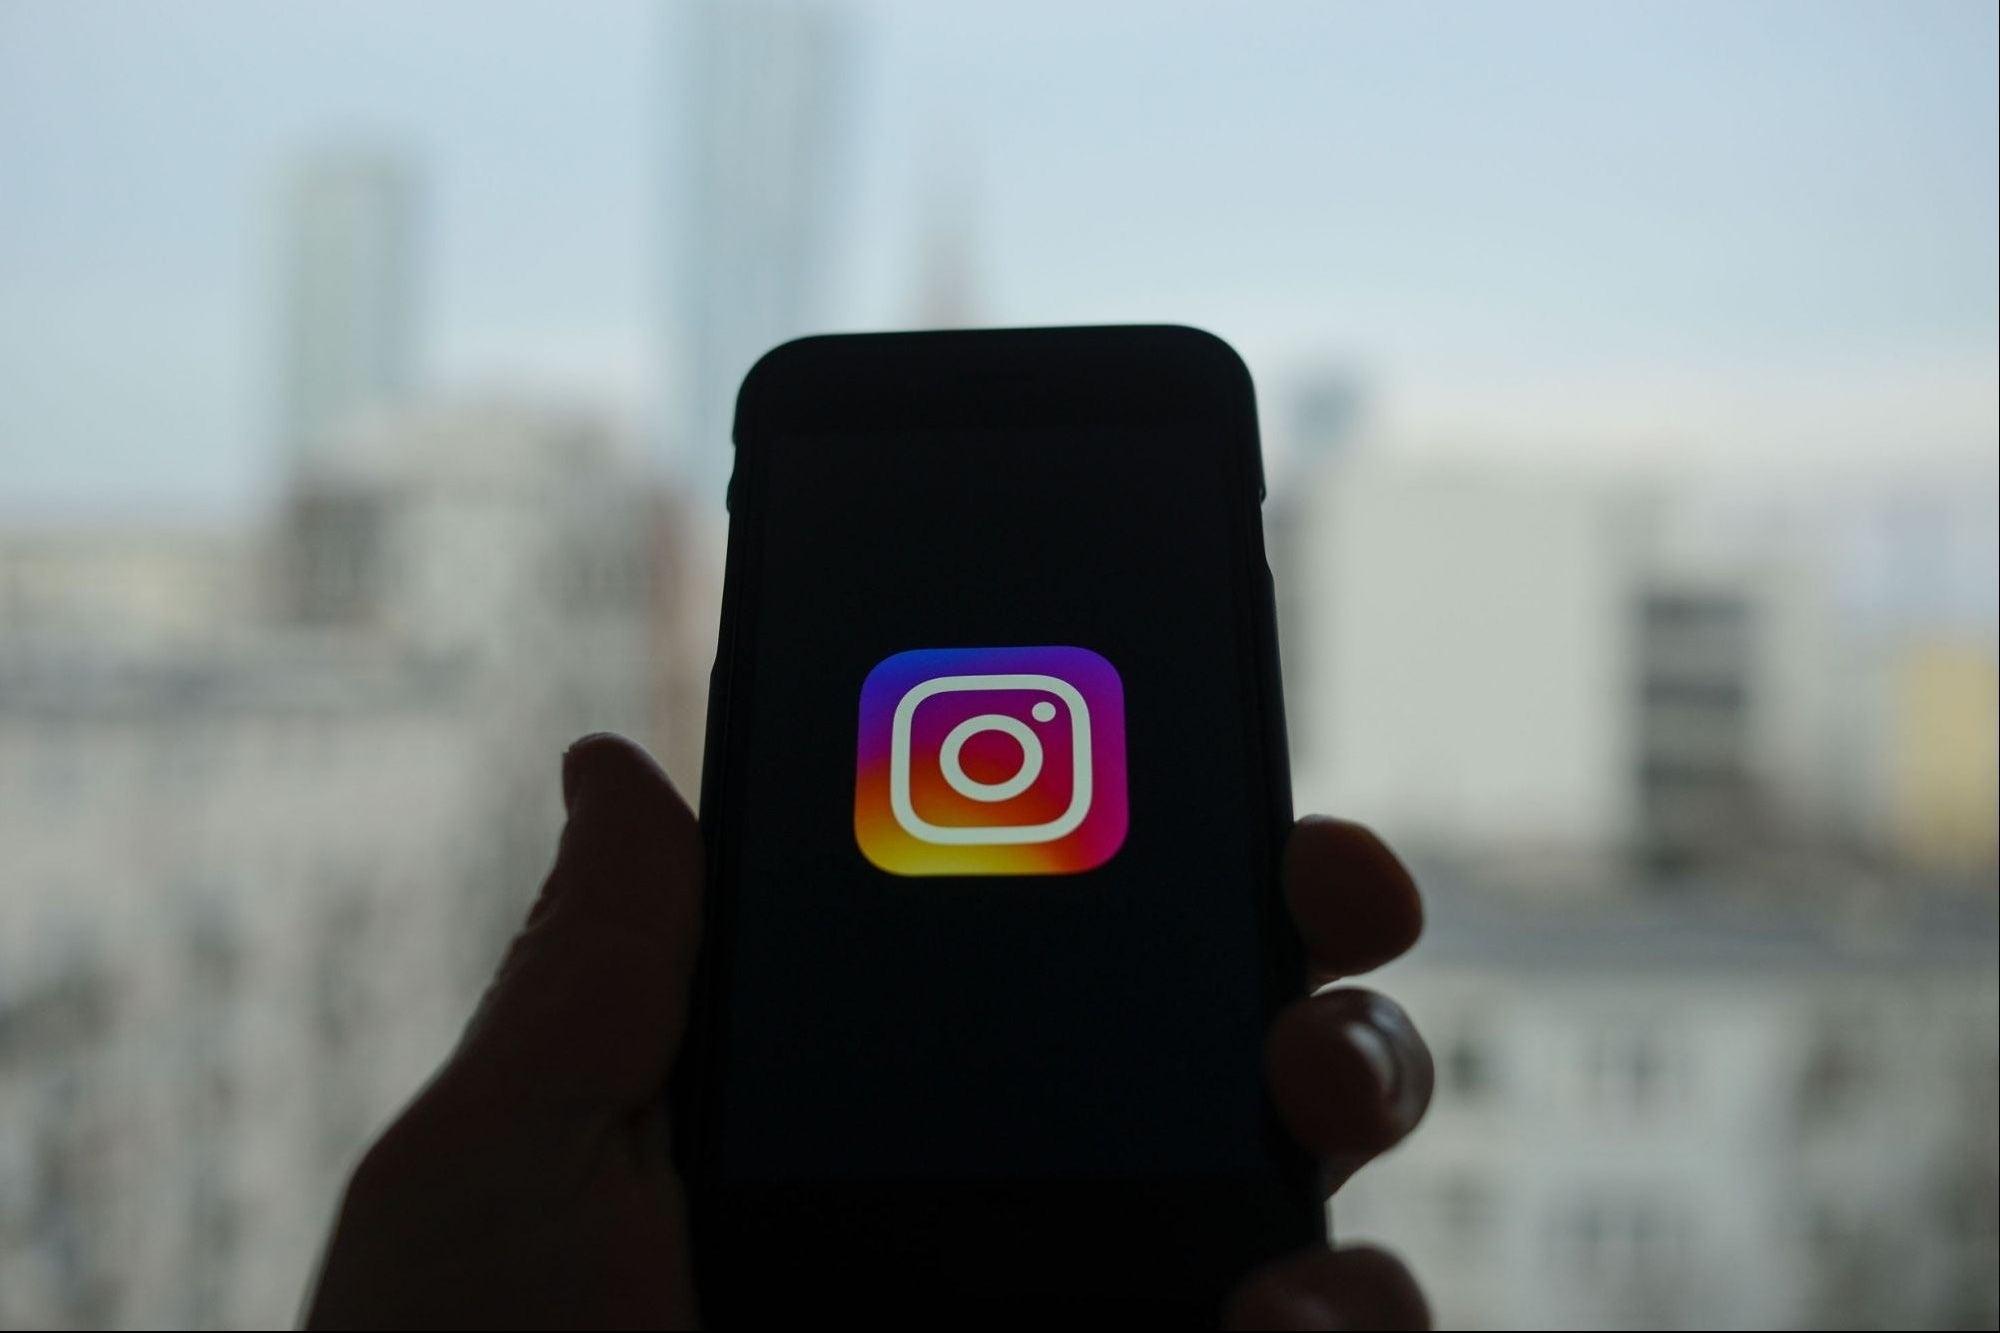 ¿Instagram puede usar la cámara de tu celular para monitorear tus reacciones? Esto dicen las políticas de la app